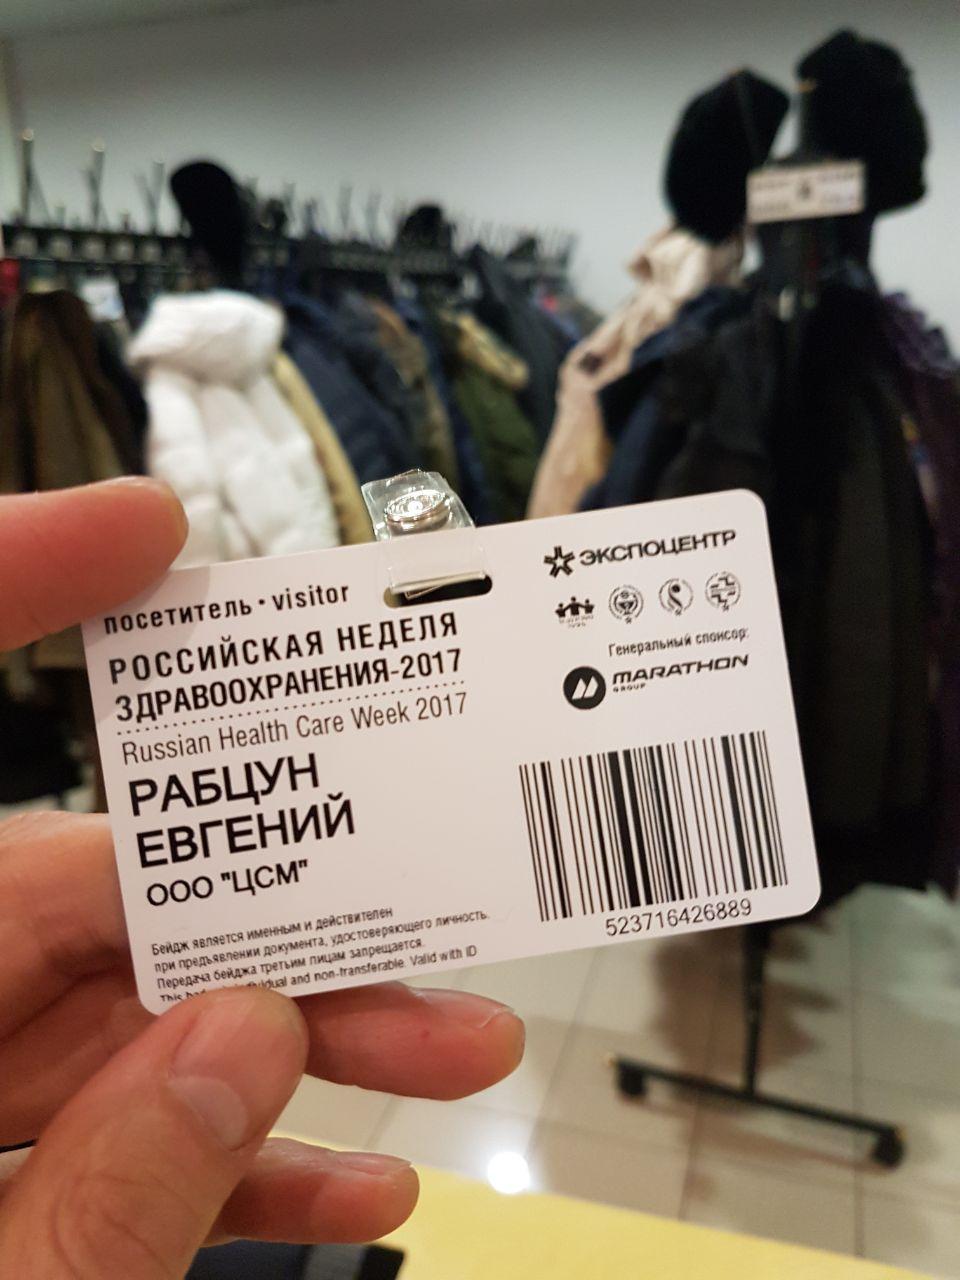 Рабцун Евгений. Российская неделя здравоохранения